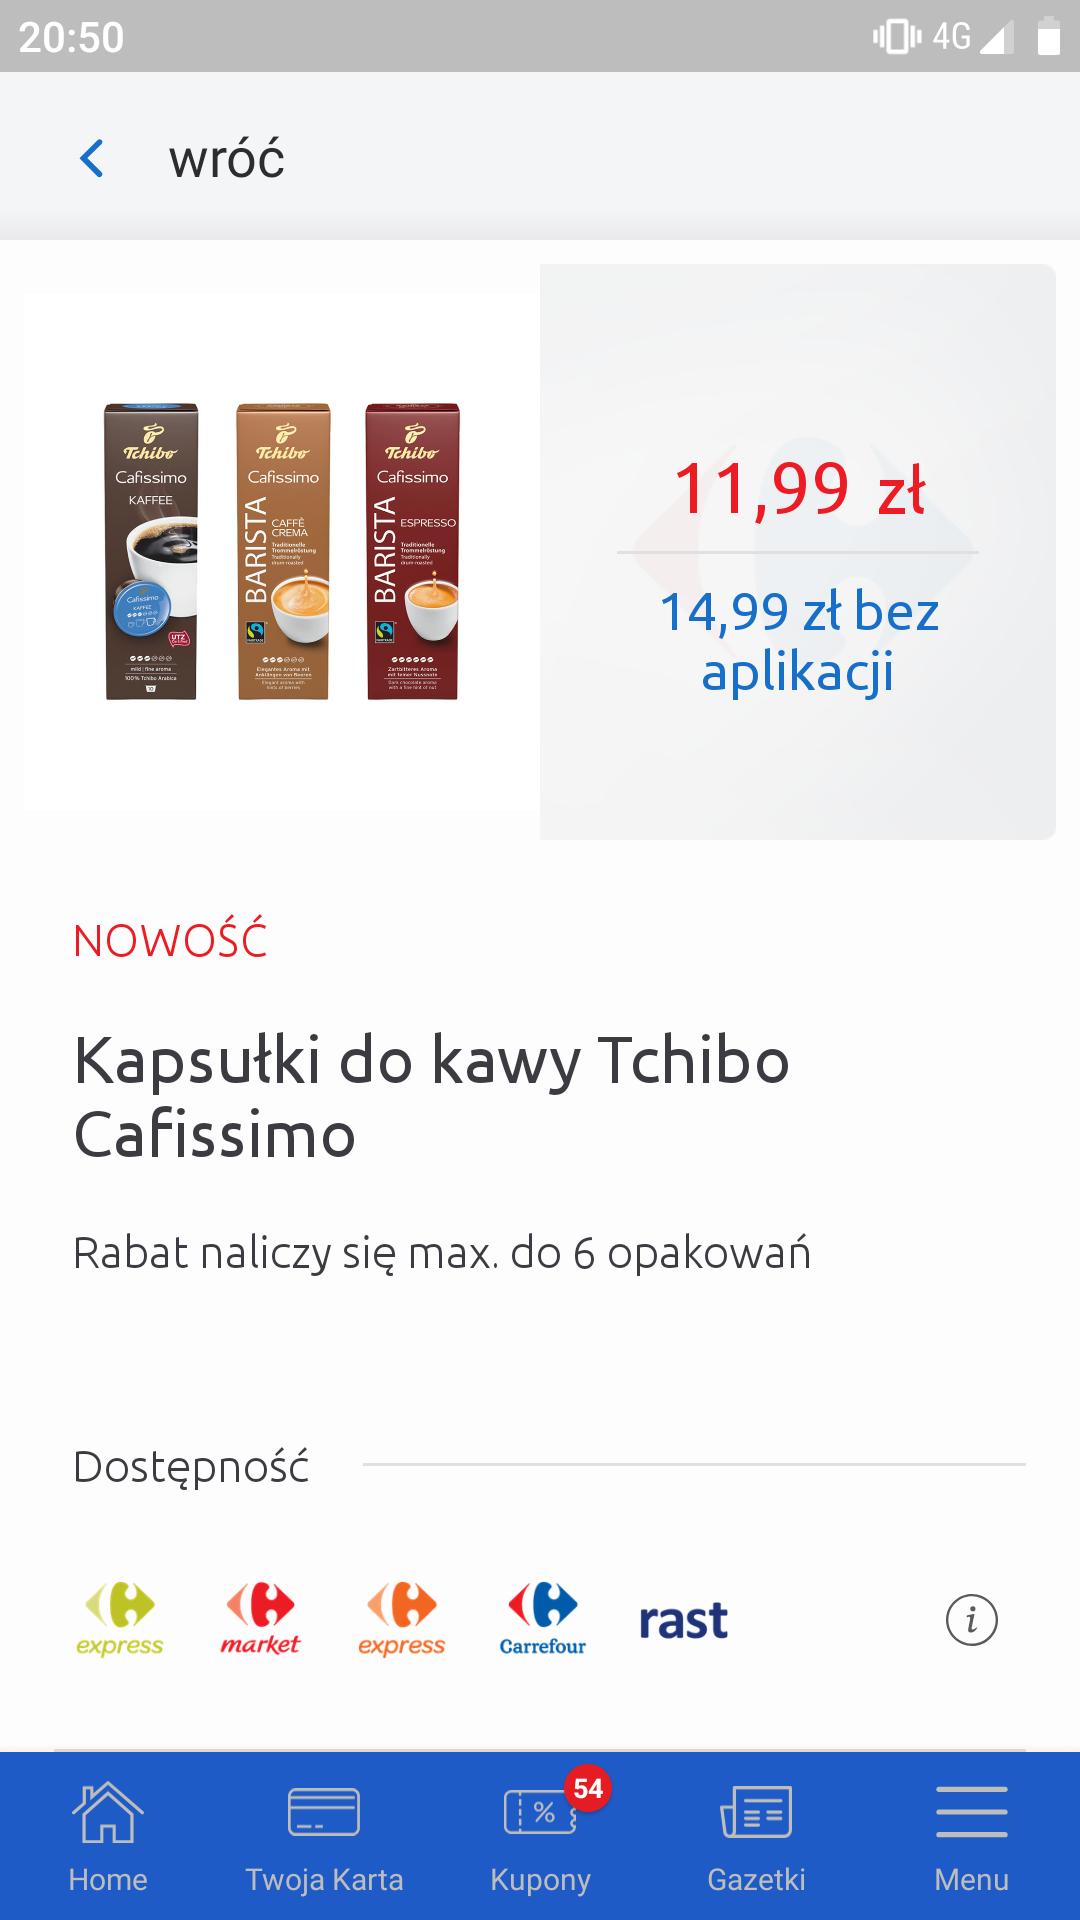 Kapsułki Tchiho cafissimo- Carrefour